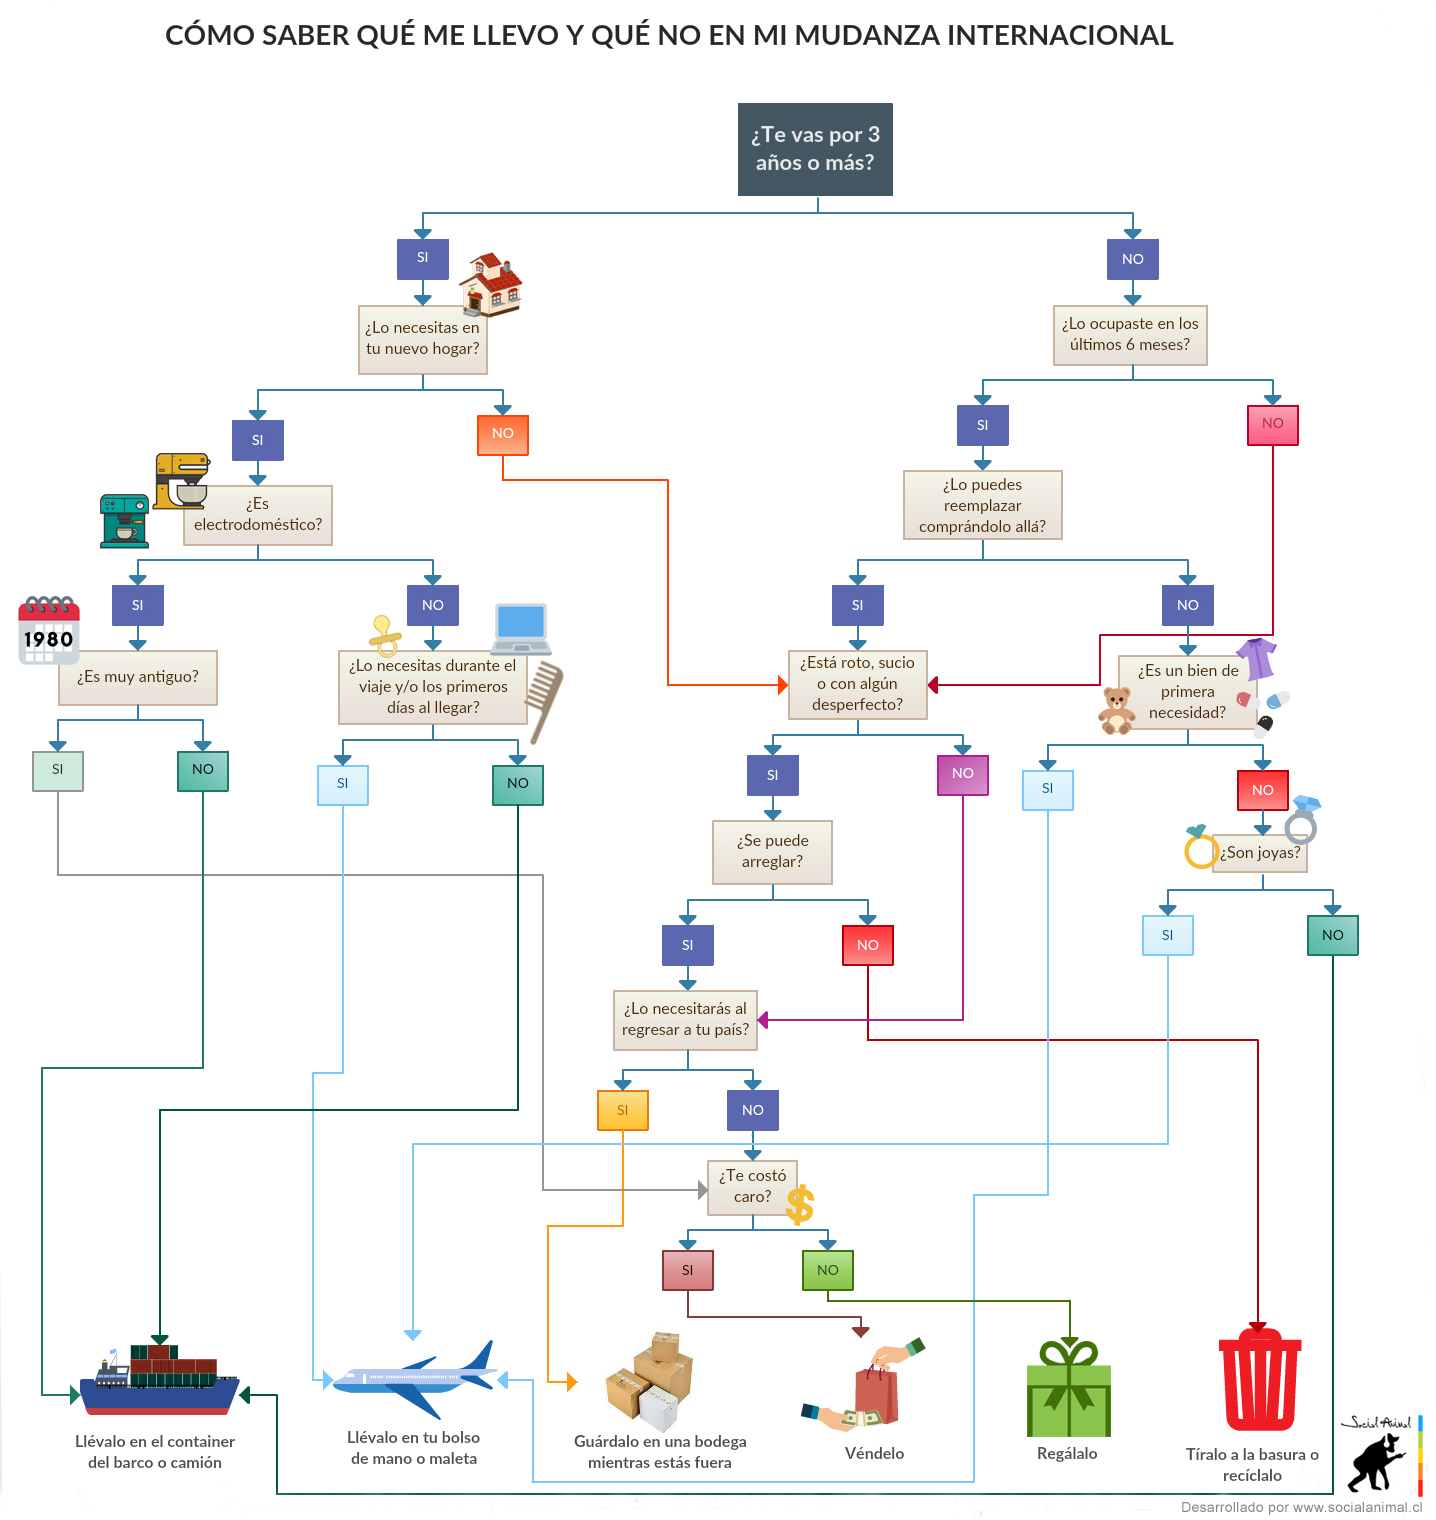 Diagrama de decision de mudanza internacional